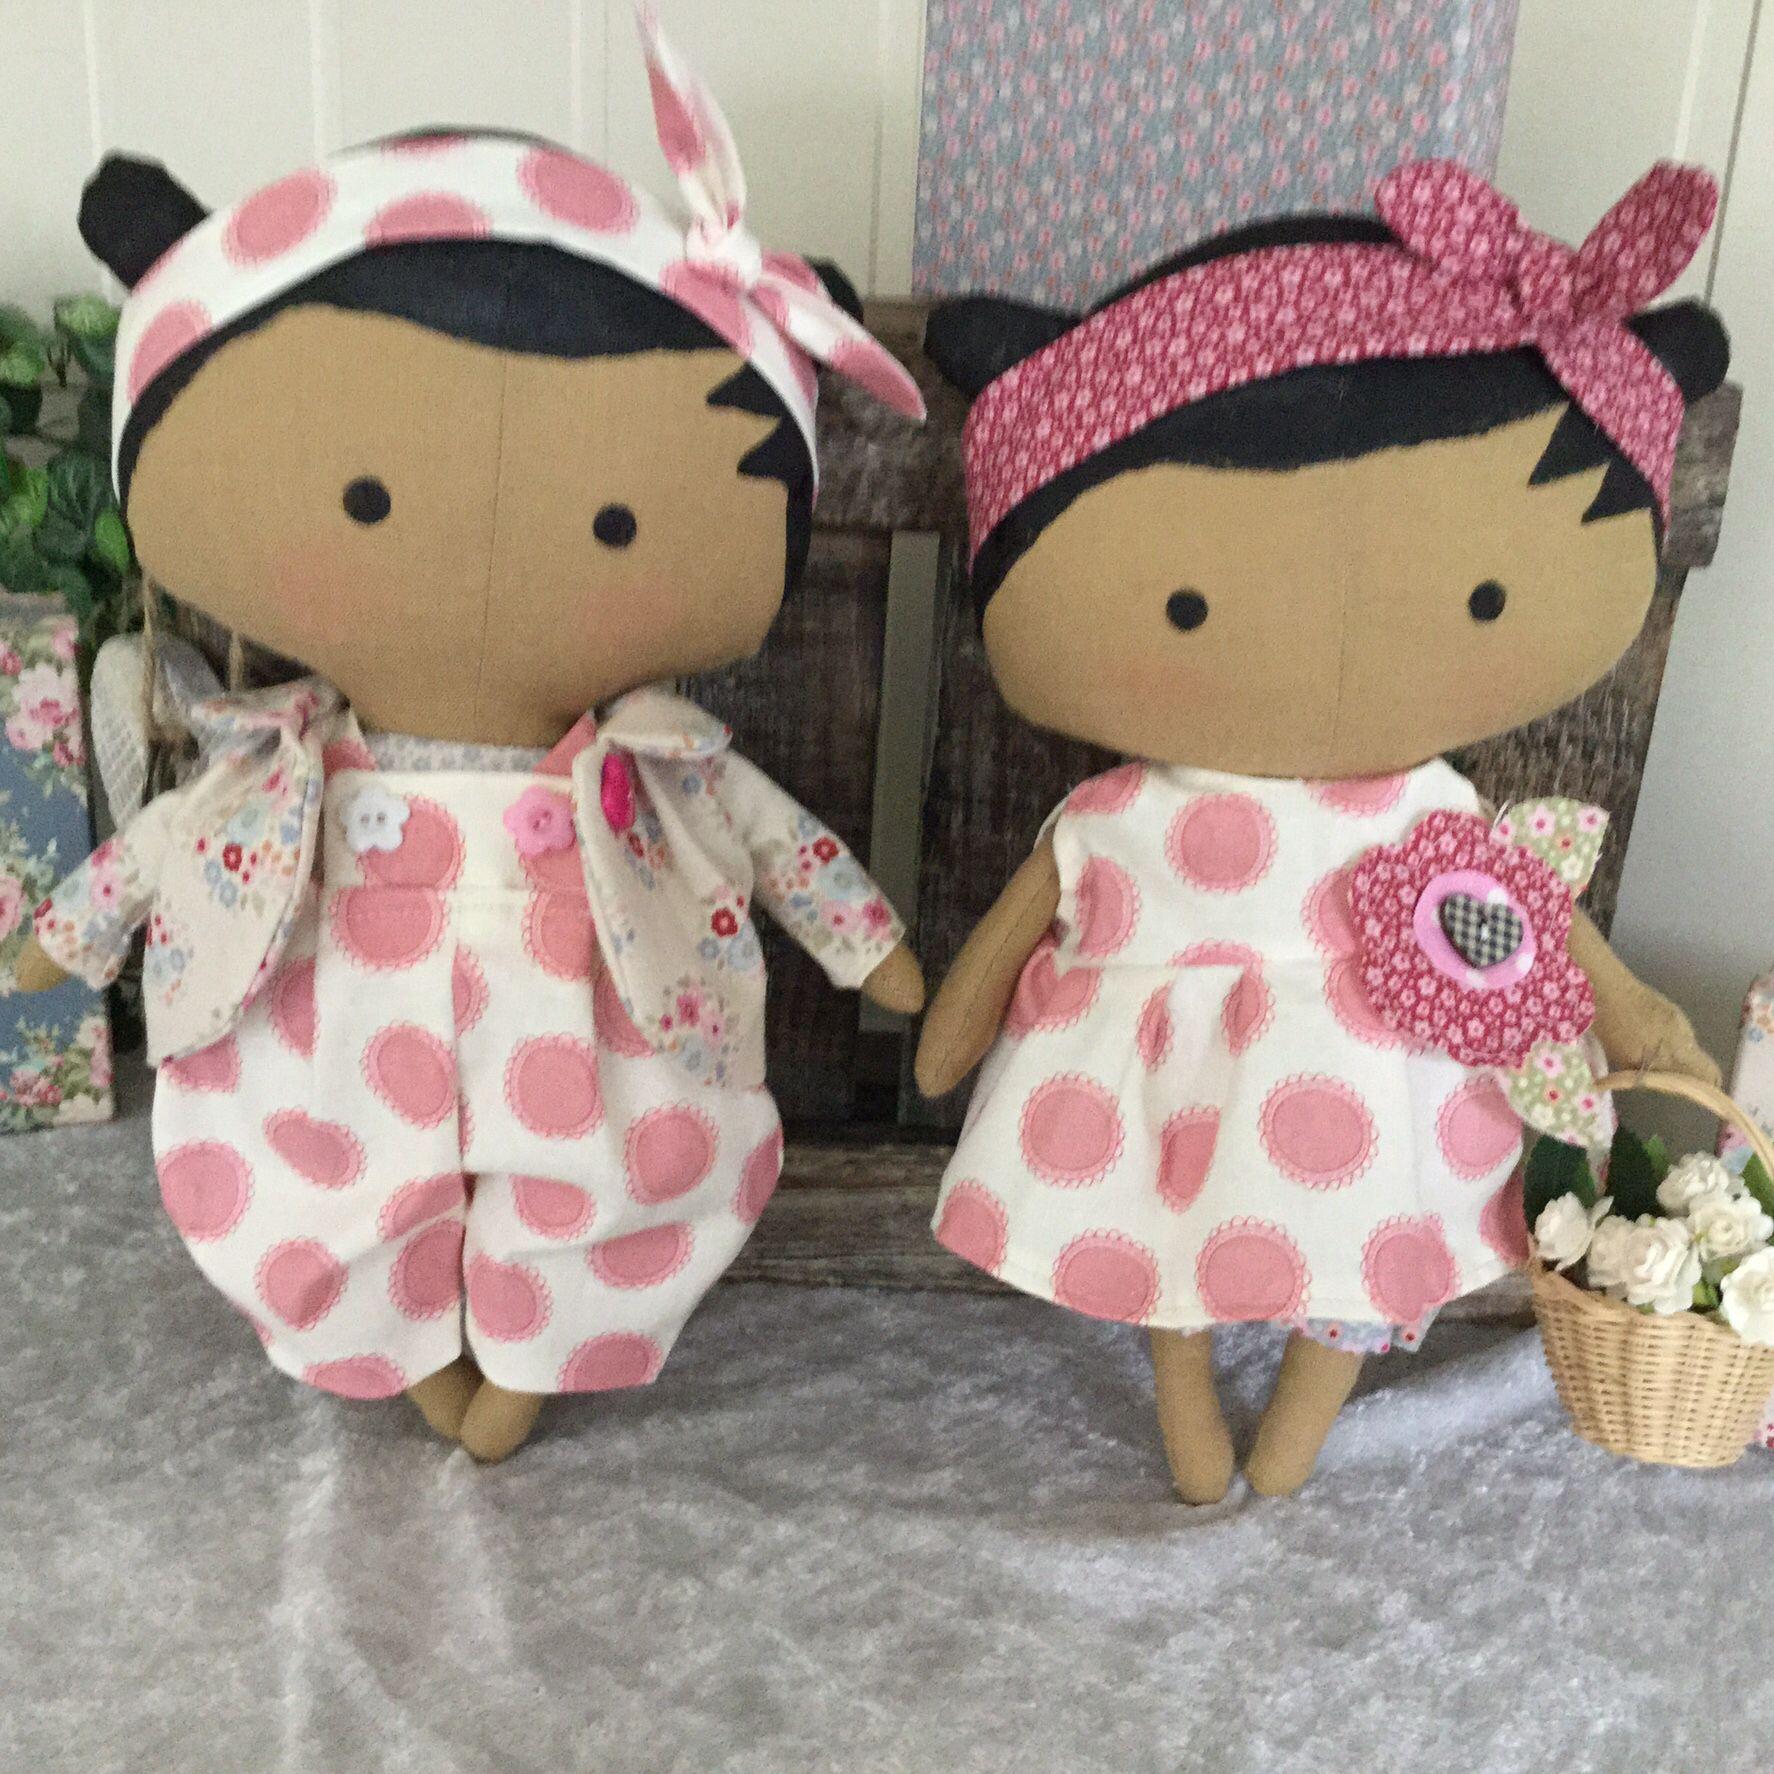 Tilda Sweetheart dolls | 拼布 | Pinterest | Tilda puppen, Puppe und ...